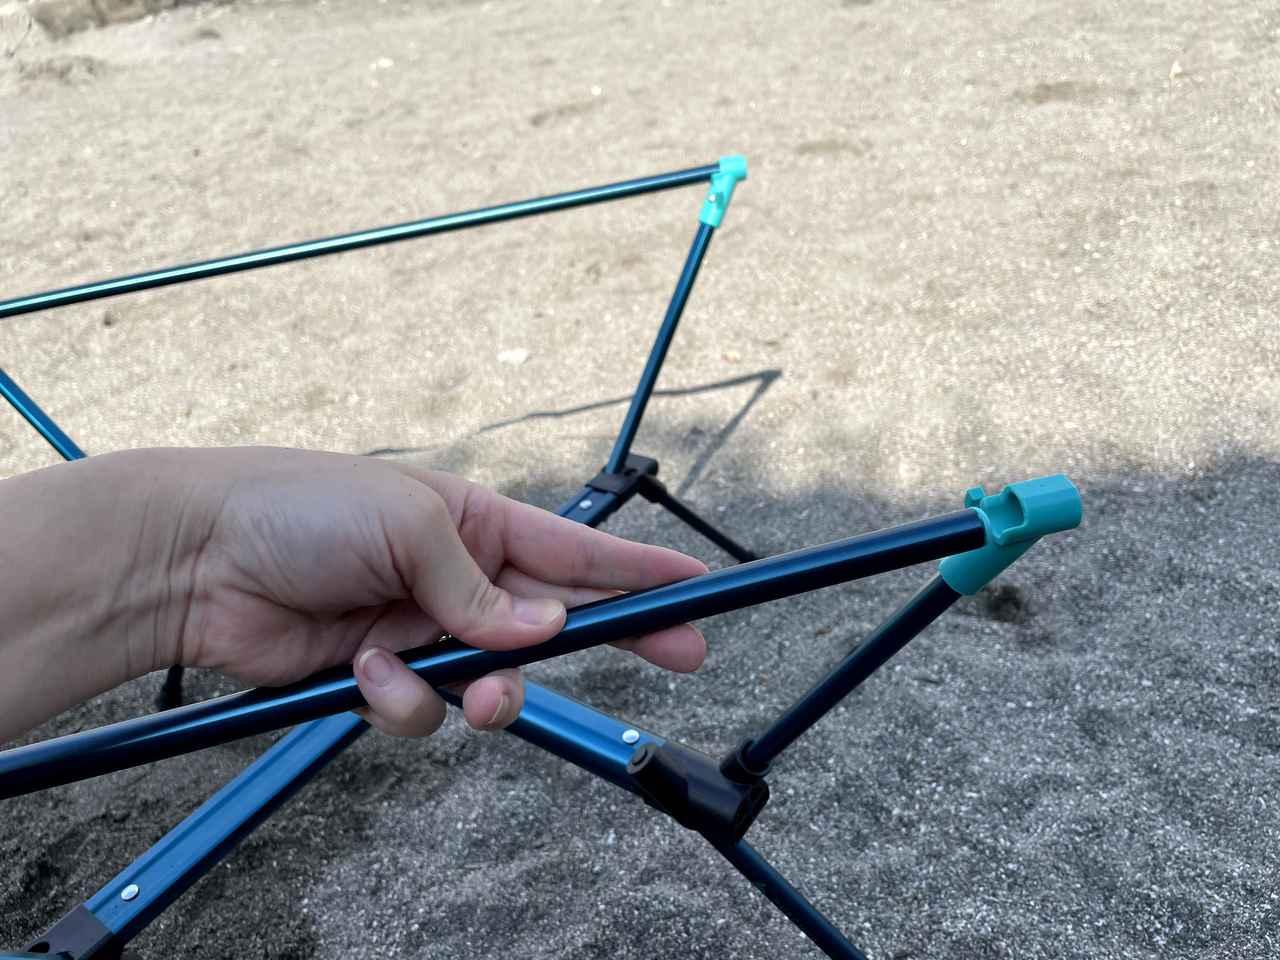 画像2: 【レビュー】QUECHUA (ケシュア) MH500の折りたたみテーブルは耐久性抜群でメイン/サブテーブルとしても使えます!